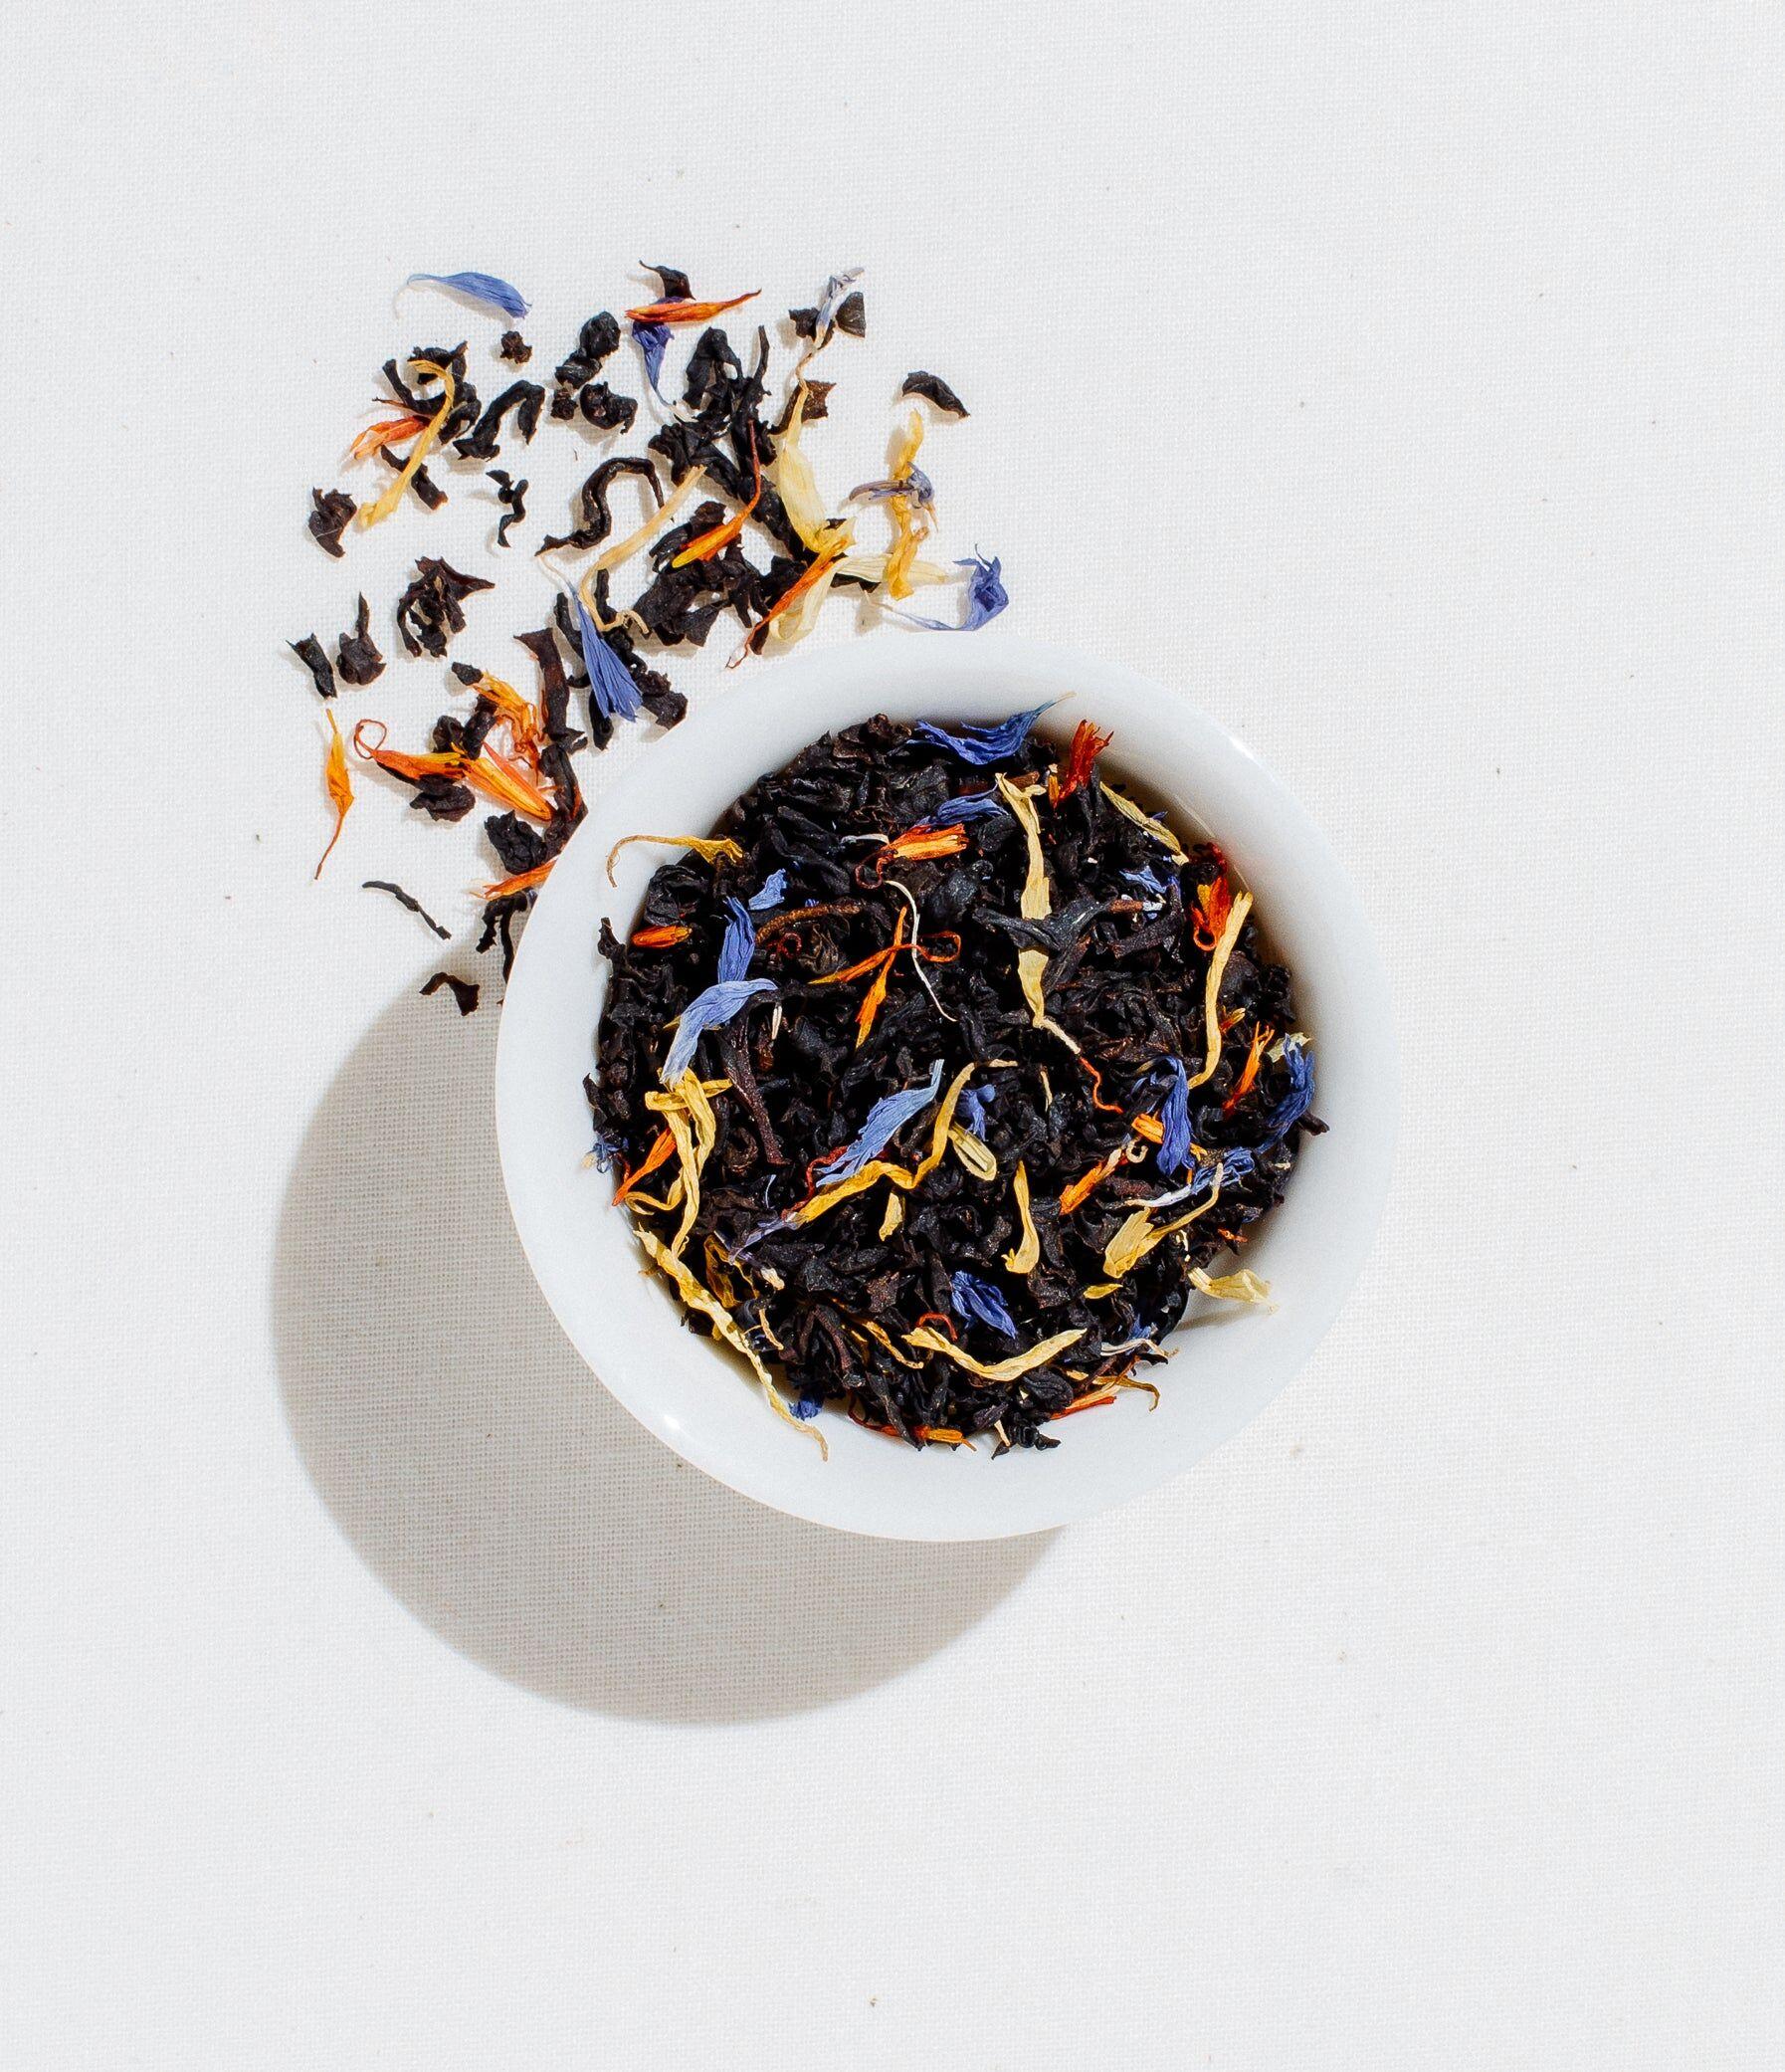 Garden Of Eden Tea Loose Leaf 1 lb Zip Pouch by Art of Tea